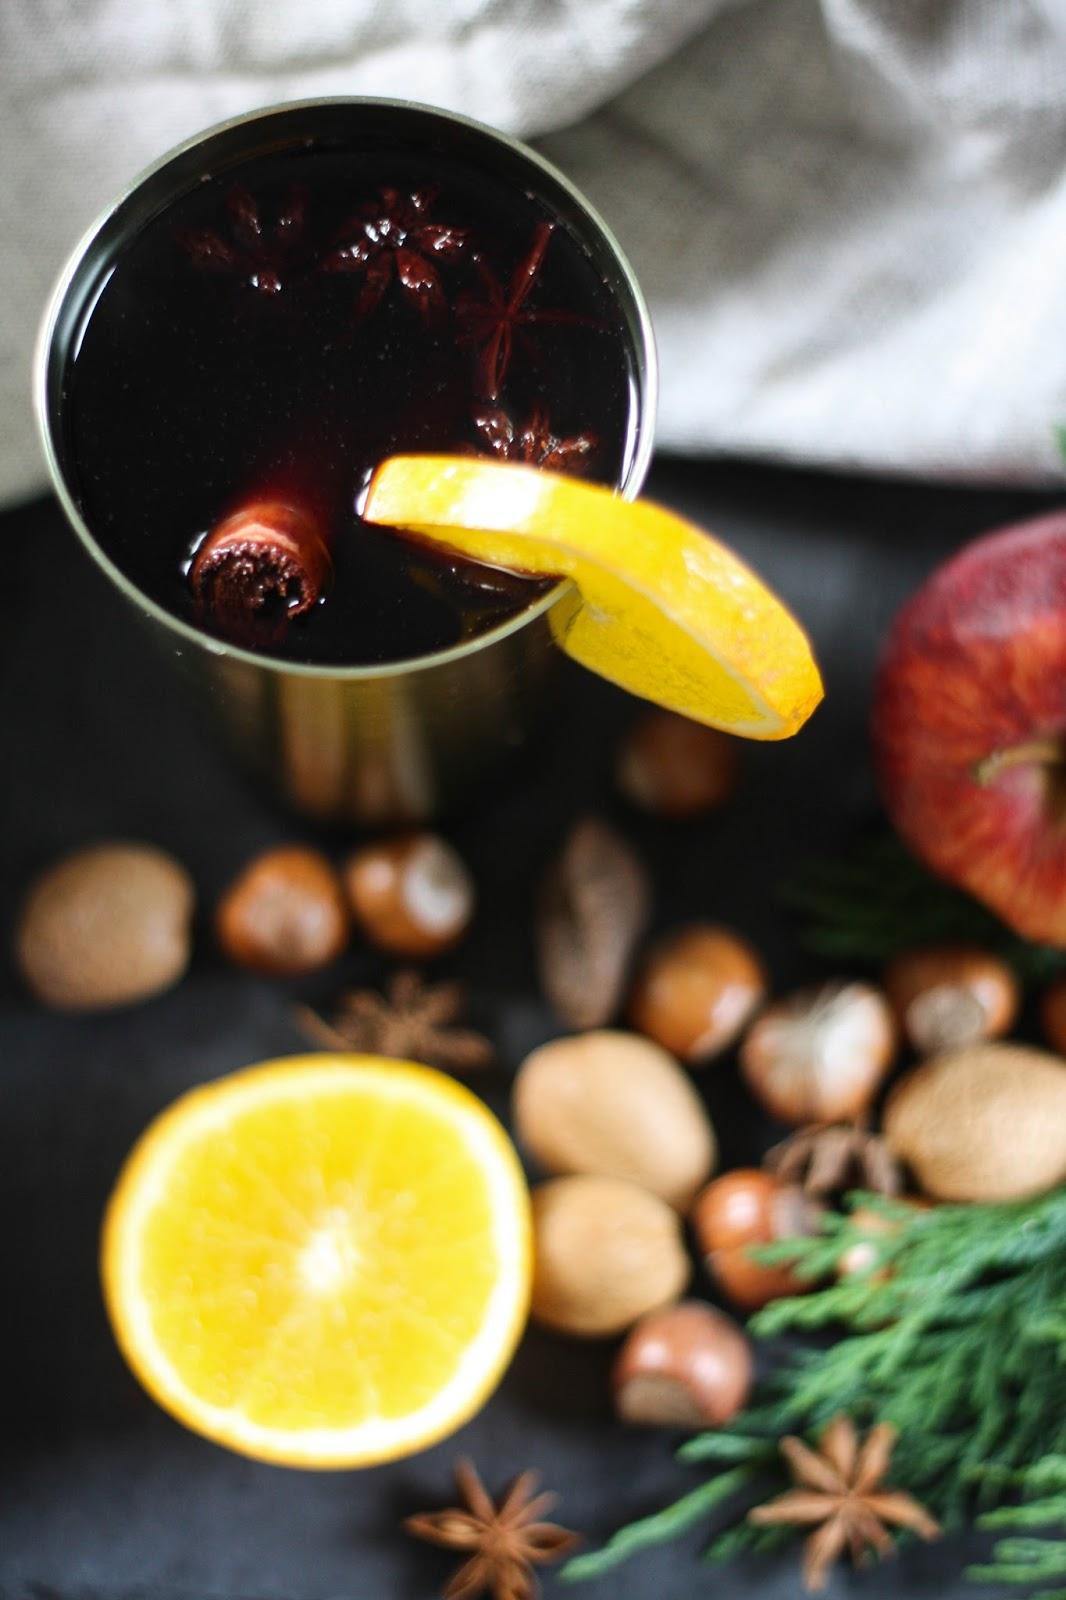 ... UK lifestyle blog based in Birmingham: Mulled wine with orange & honey